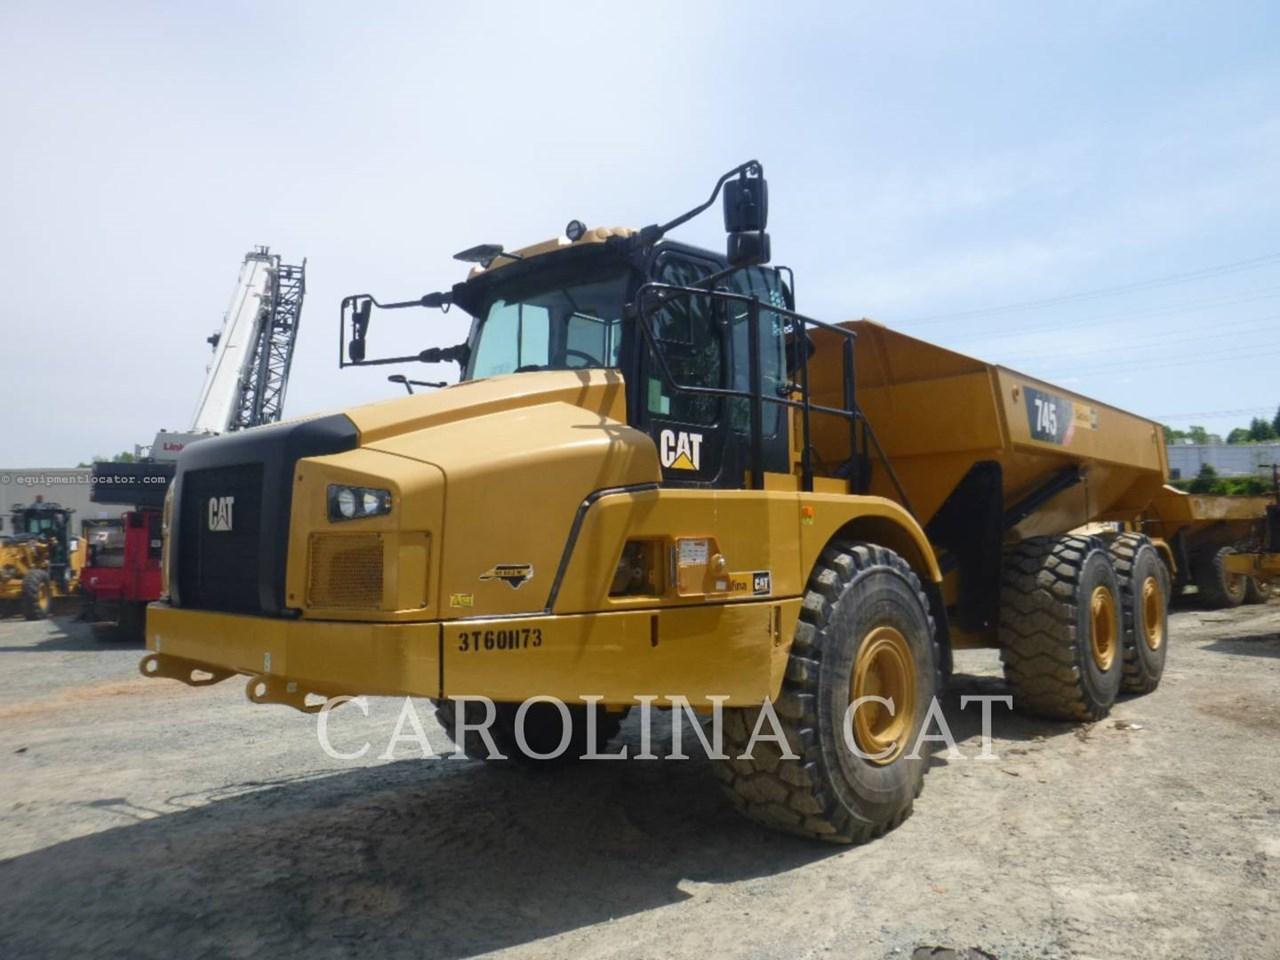 2019 Caterpillar 745 TG Image 1